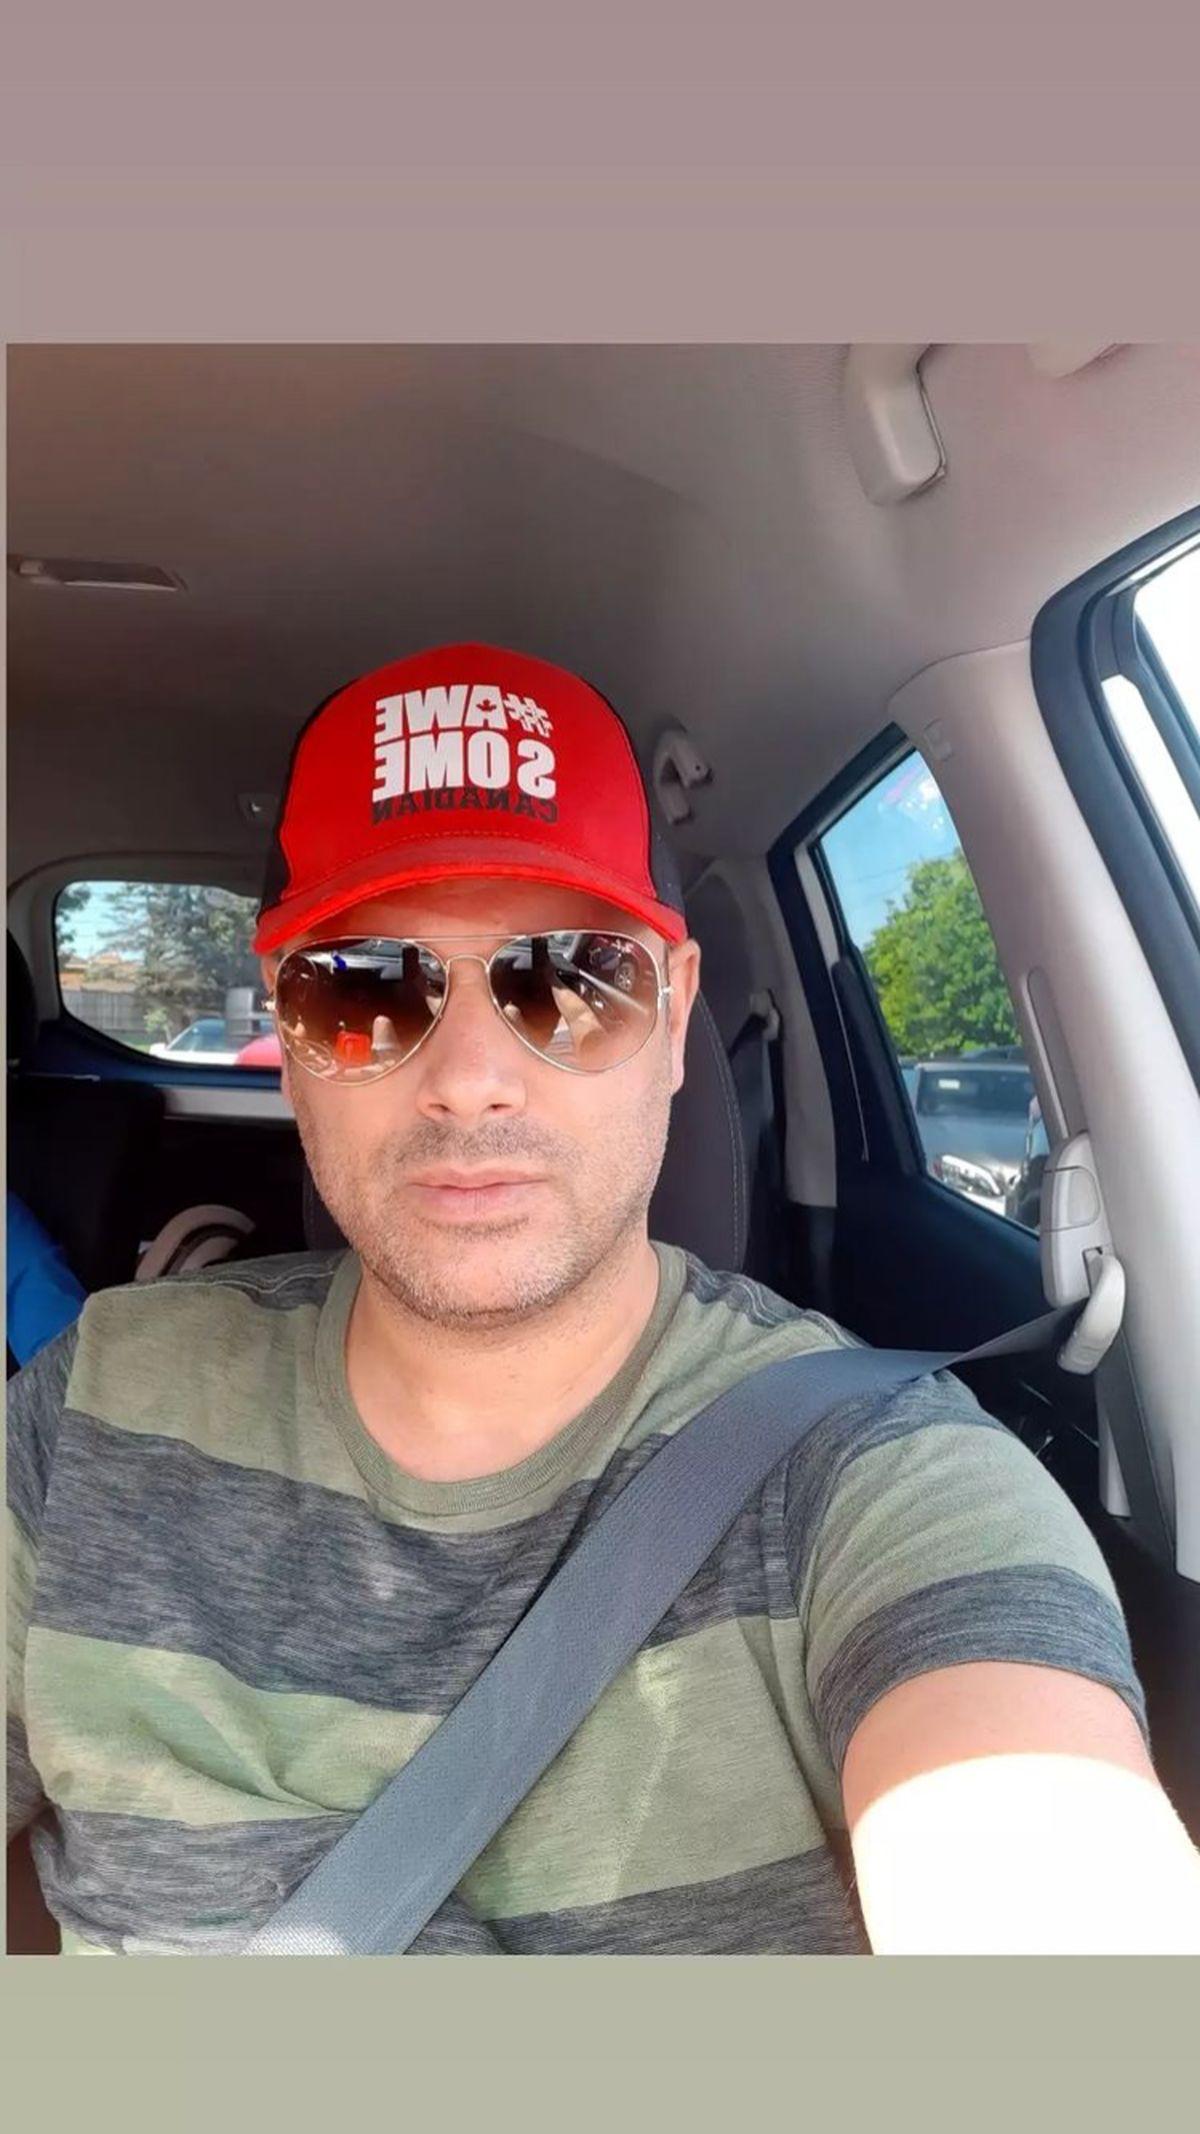 سلفی جدید شهروز ابراهیمی در ماشینش + عکس